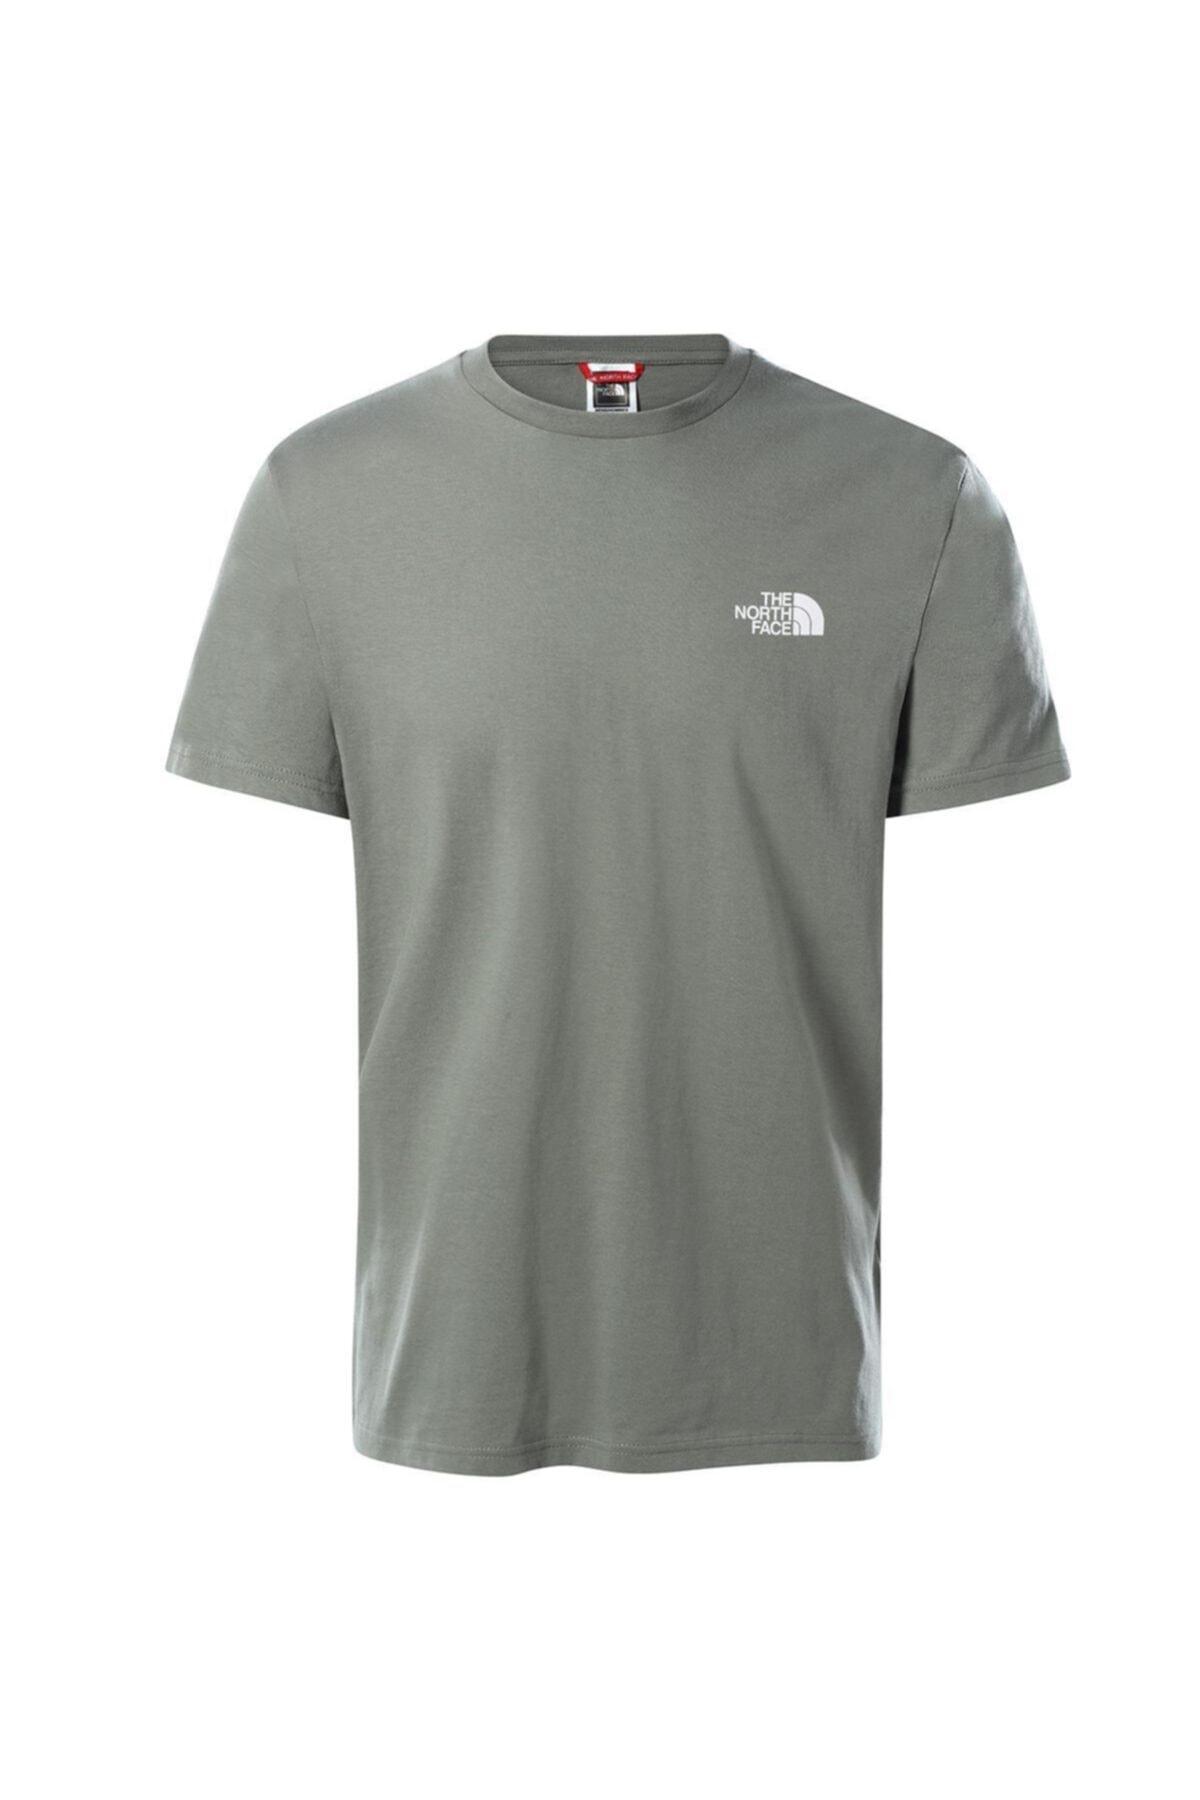 Erkek Gri Sımple Dome Tişört